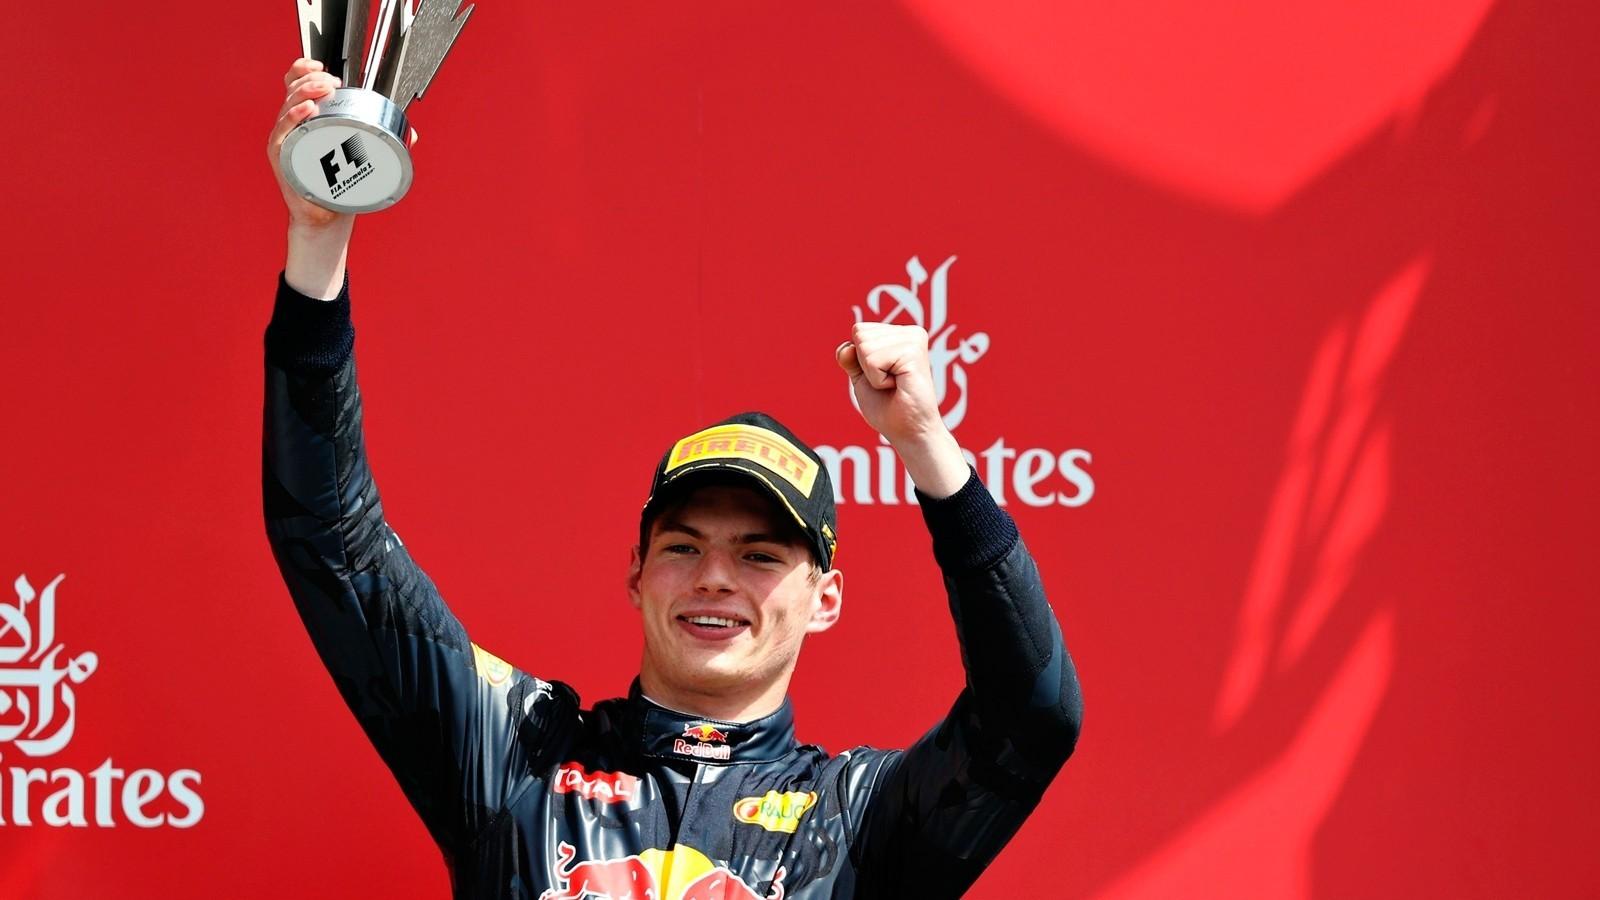 На данный момент на счету молодого голландца уже числится одна победа в Гран-при